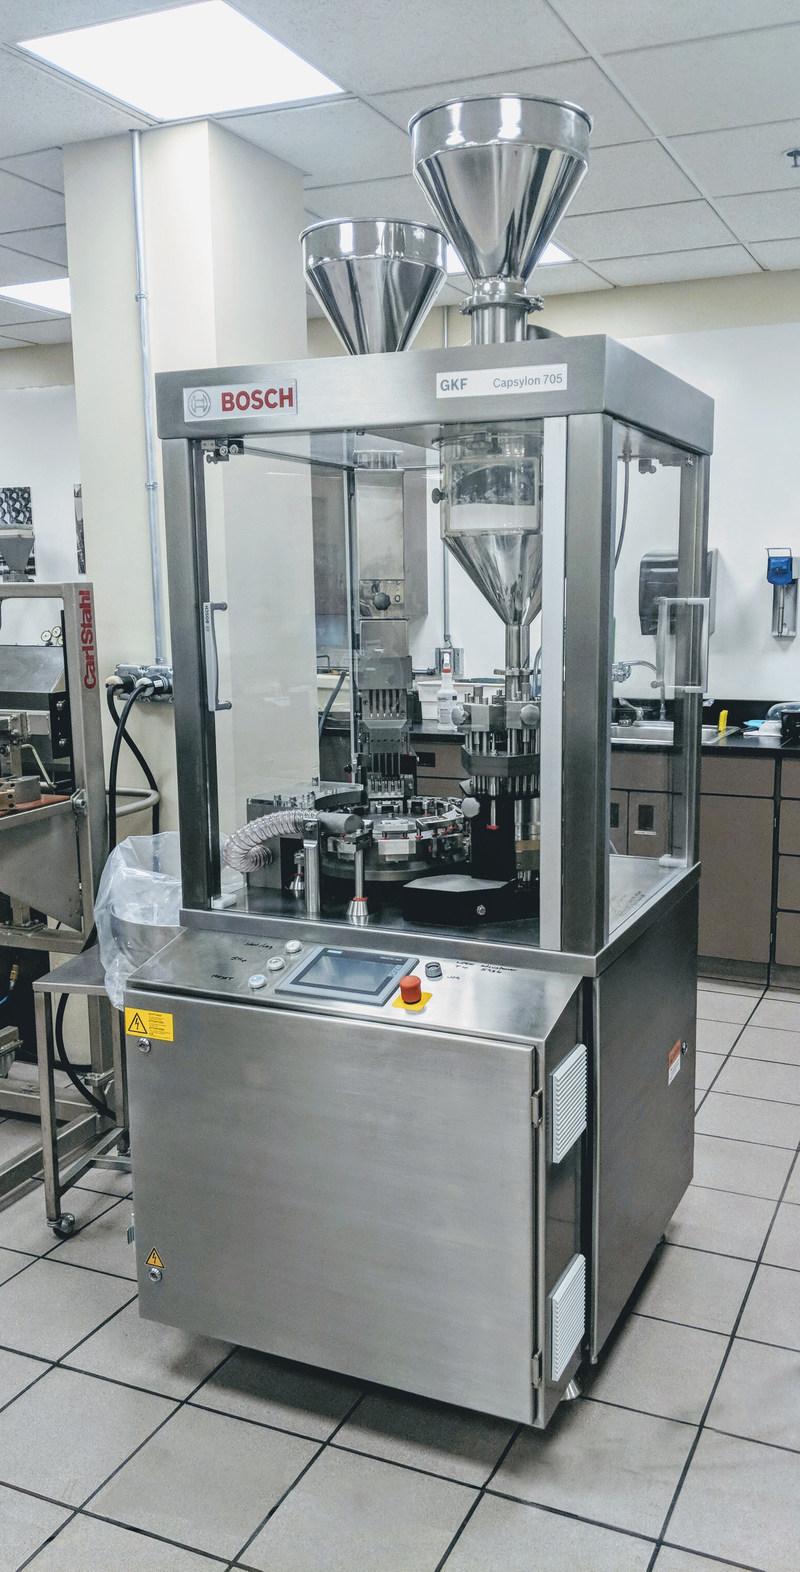 Bosch Packaging Technology: GKF Capsylon 705 Capsule Filler